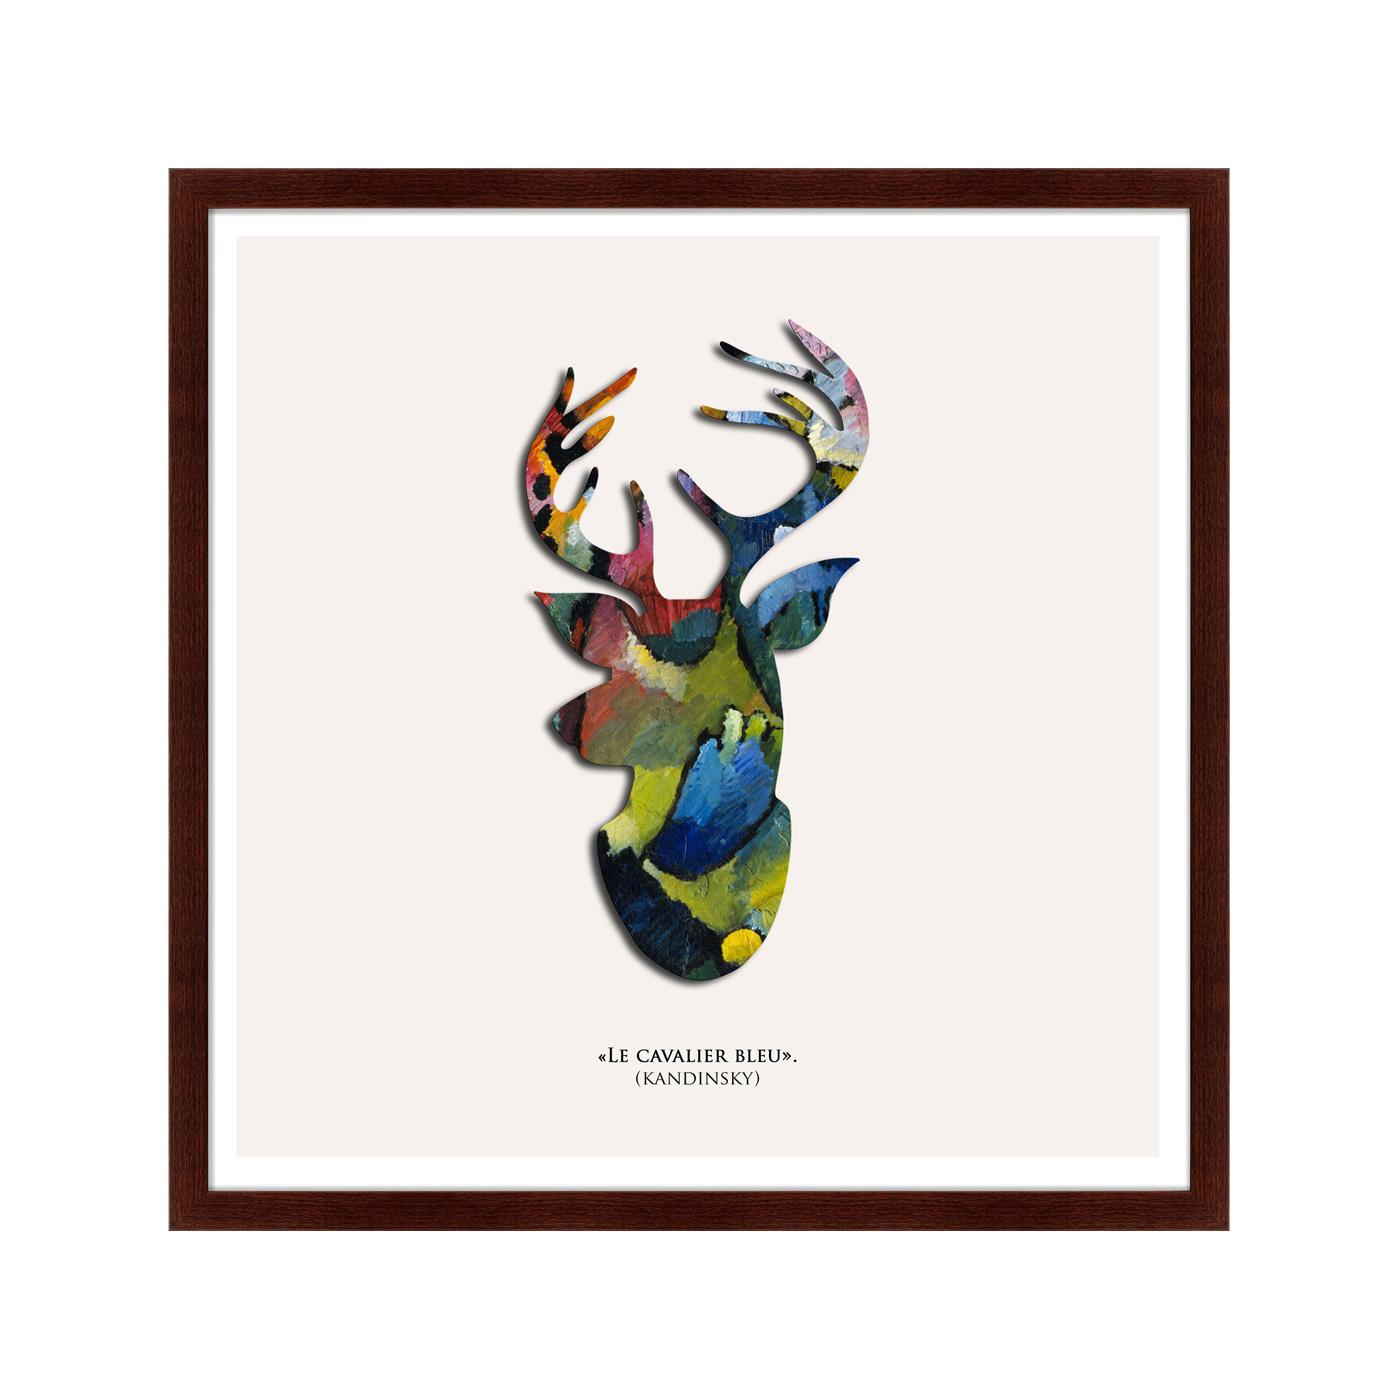 {} Картины в Квартиру Картина Олень Синий Всадник (79х79 см) картины в квартиру картина black square 2 79х79 см